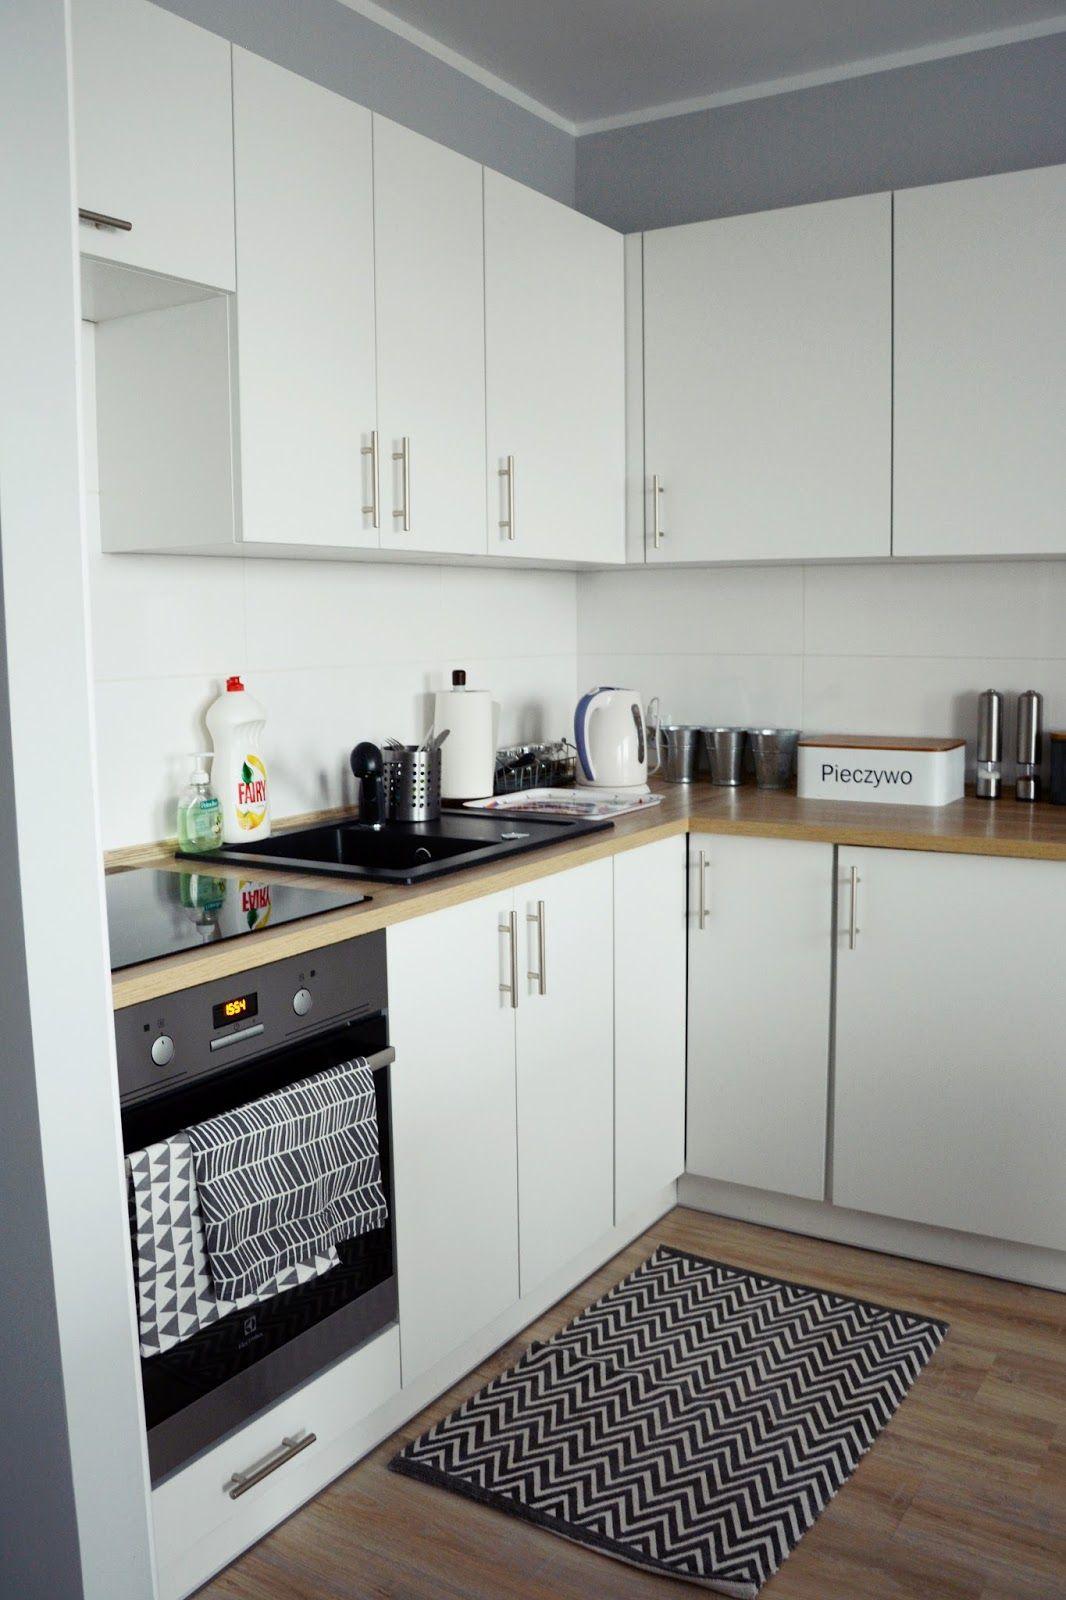 Inspiracje Jak Tanio Wyremontowac Mieszkanie Tani Remont Jak Tanio Wyremontowac M3 Szare Mieszkanie Mieszkanie W Bloku W Sty Kitchen Cabinets Kitchen Home